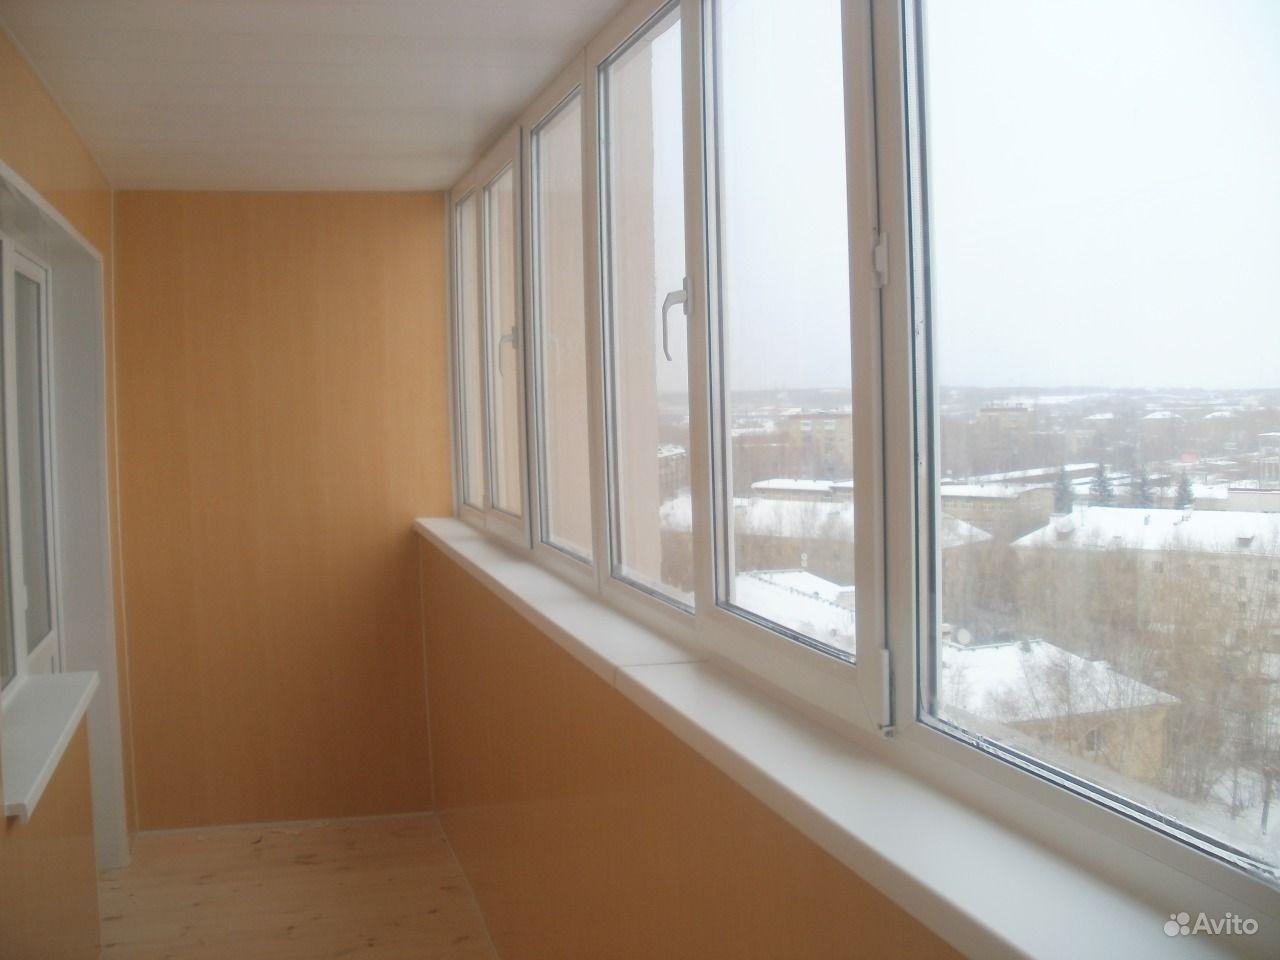 Виды внутренней отделки балконов и лоджий. - как установить .